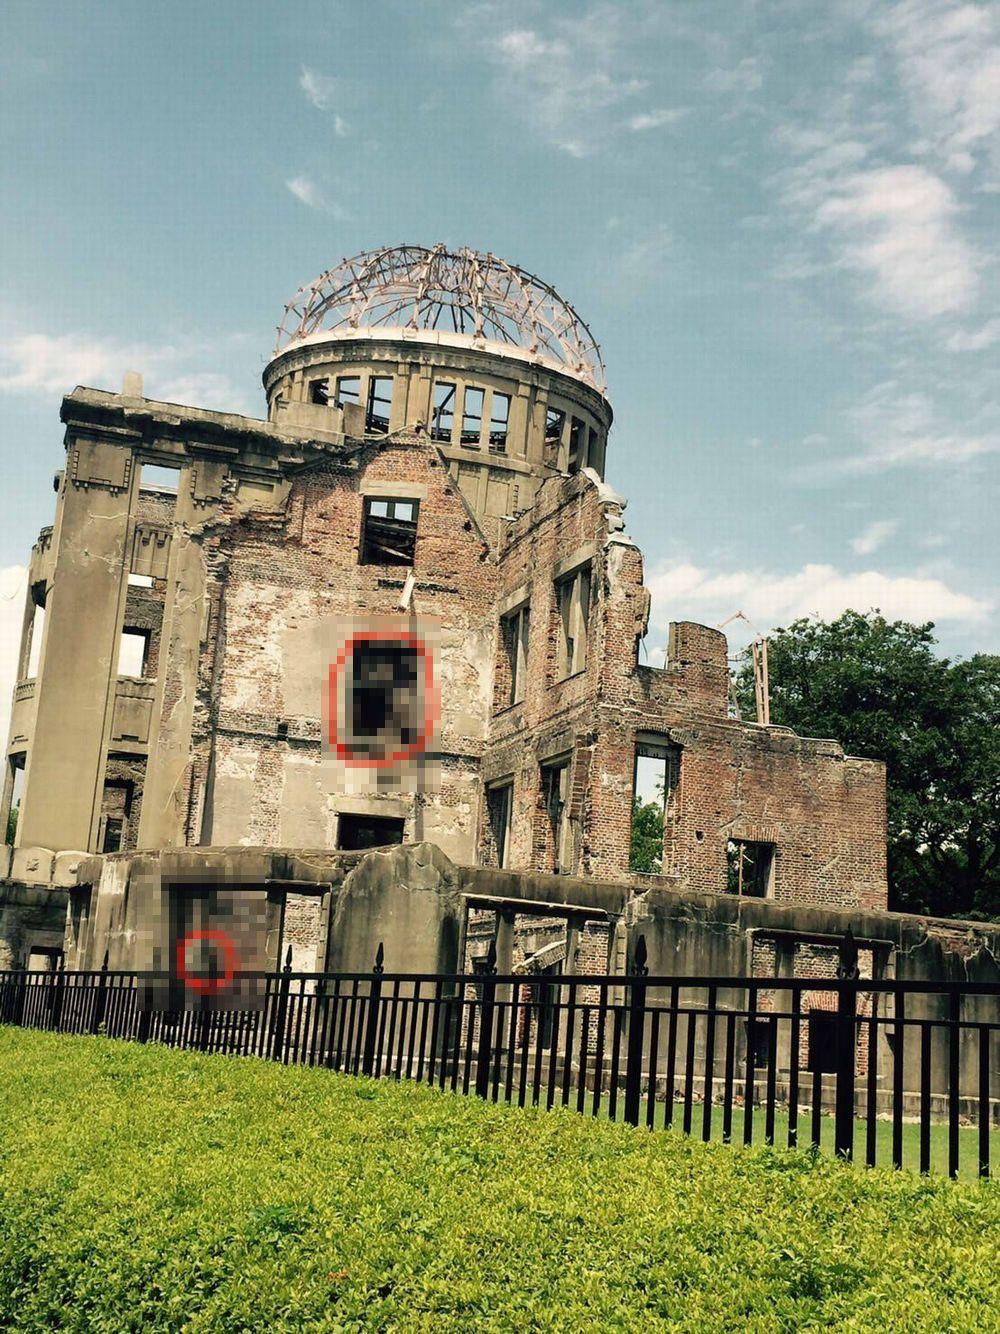 【閲覧注意】心霊写真撮れたかもしれないから詳しい奴来てくれ 「原爆ドーム」